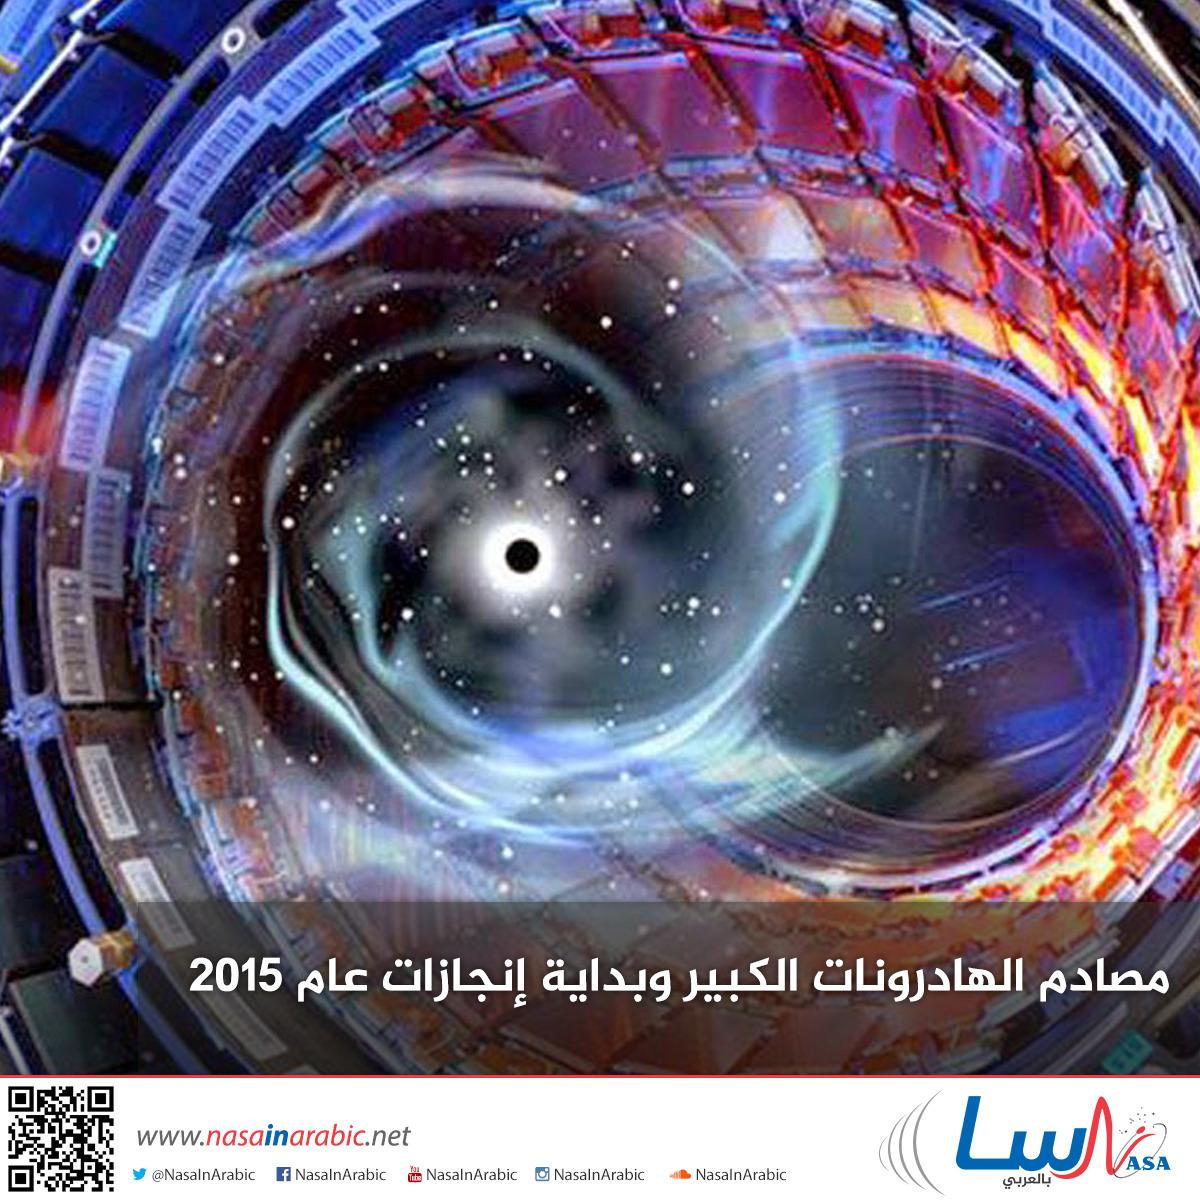 مصادم الهادرونات الكبير وبداية إنجازات عام 2015